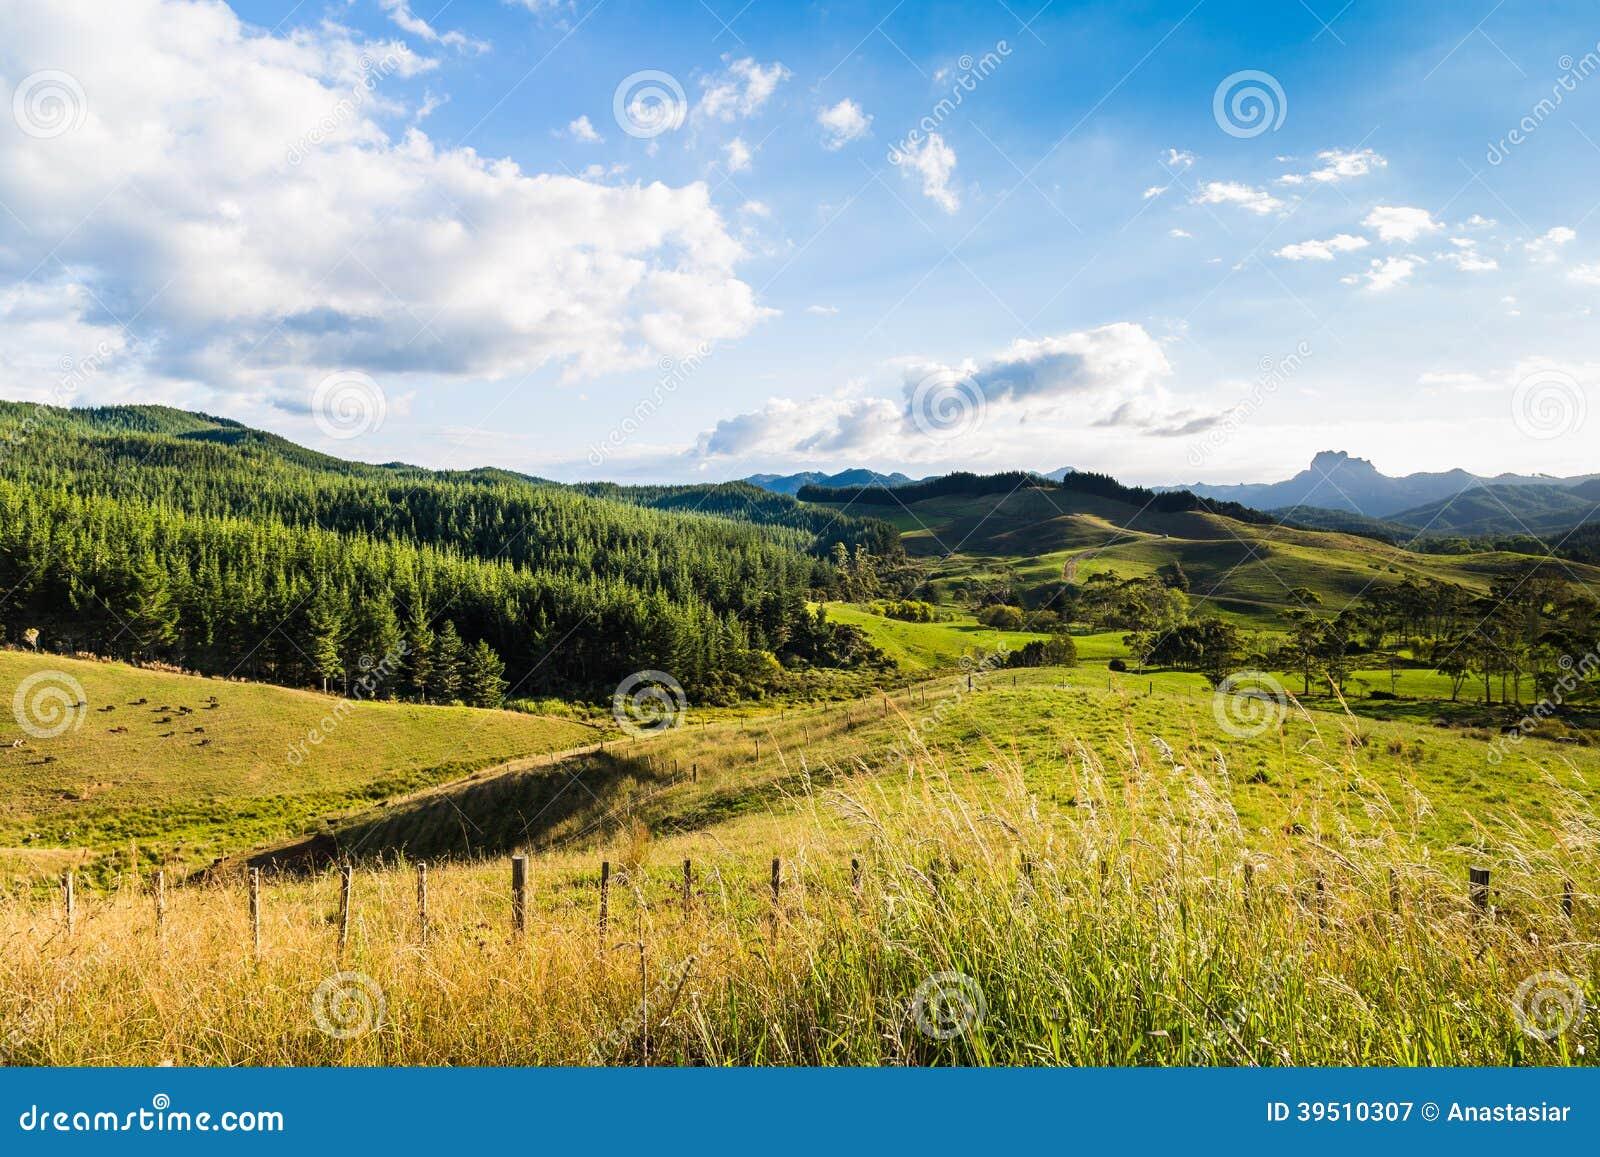 Summer green New Zealand landscape